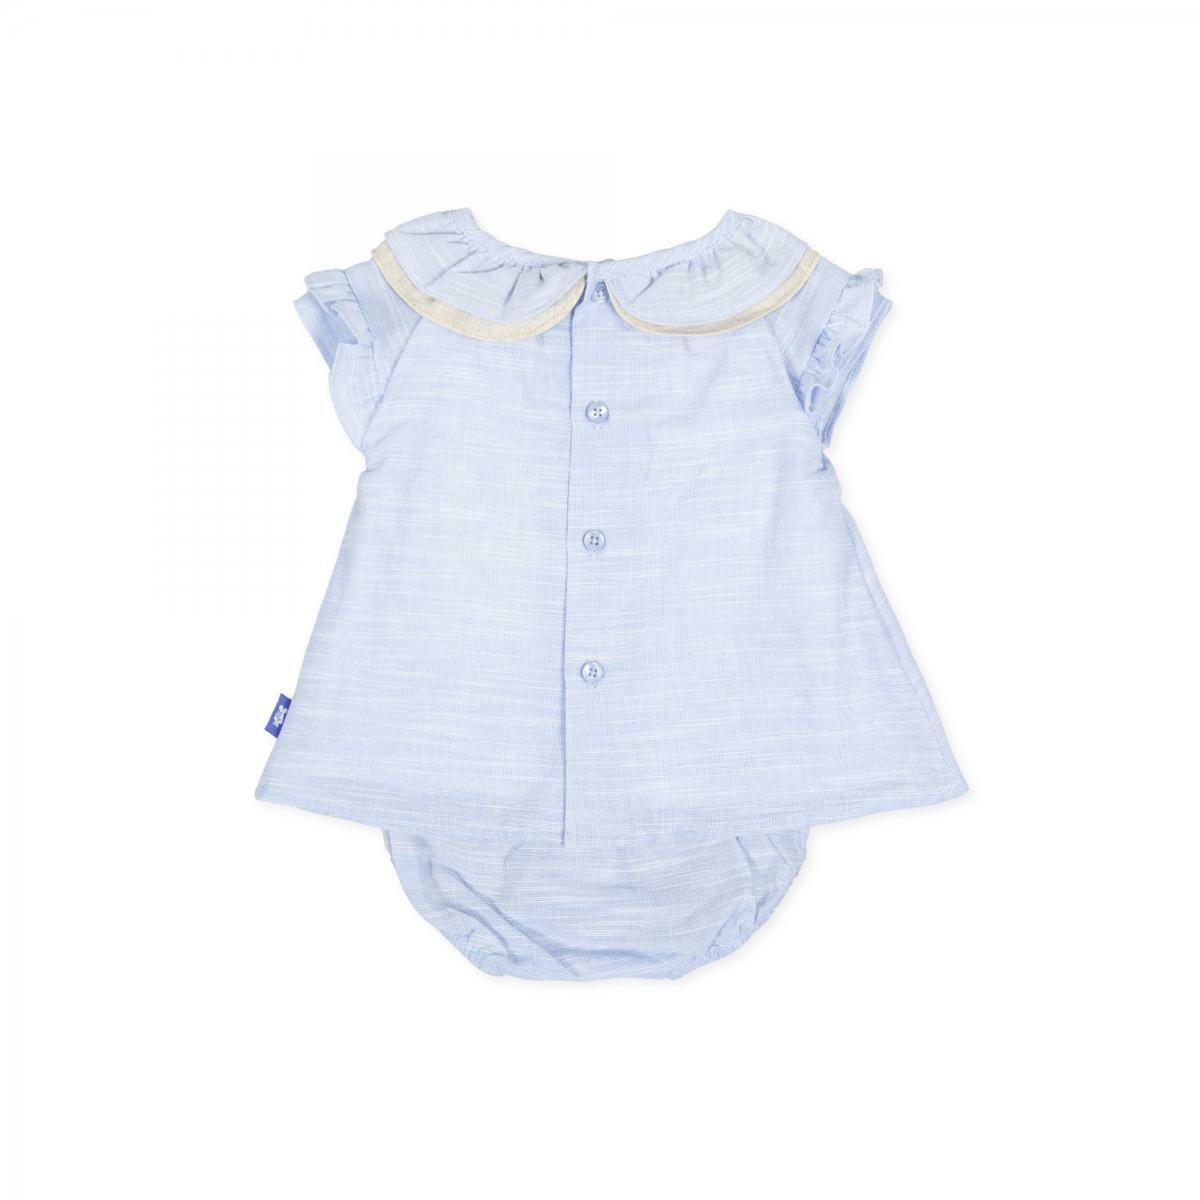 tutto piccolo tutto piccolo vestitino neonata azzurro 8210s20